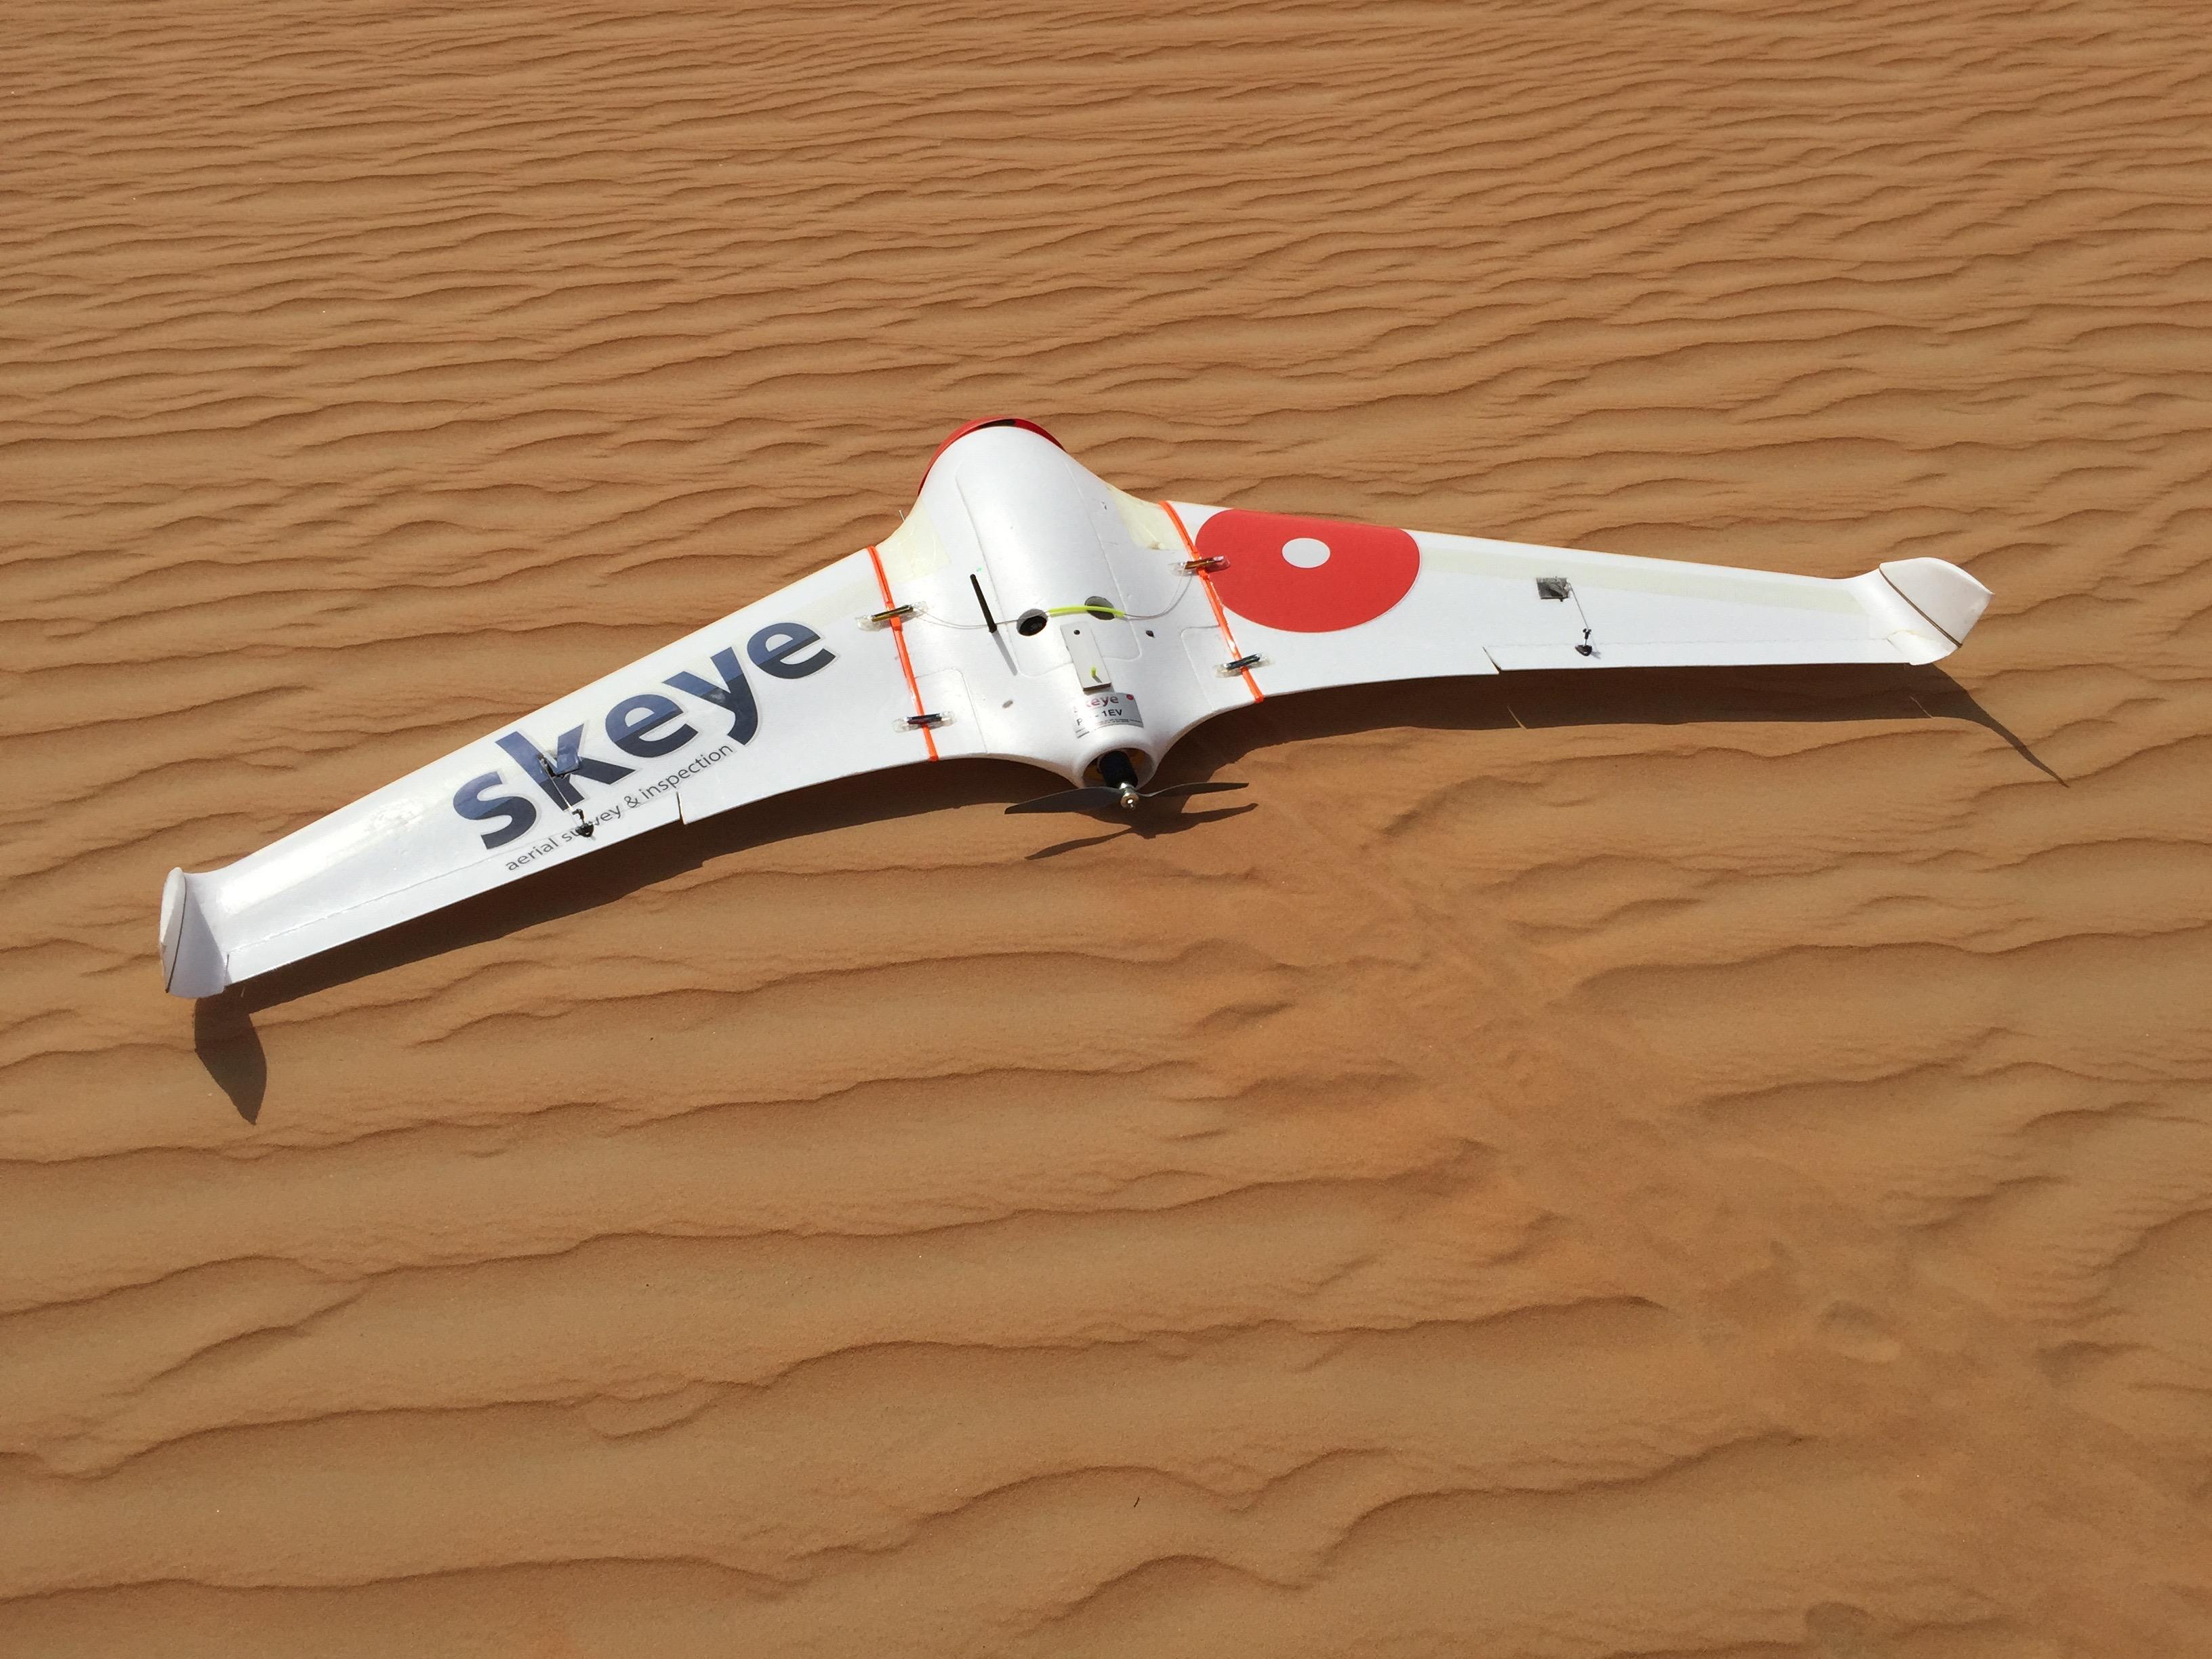 Vermessung-Abu-Dabi-Wüste-Referenz-1140